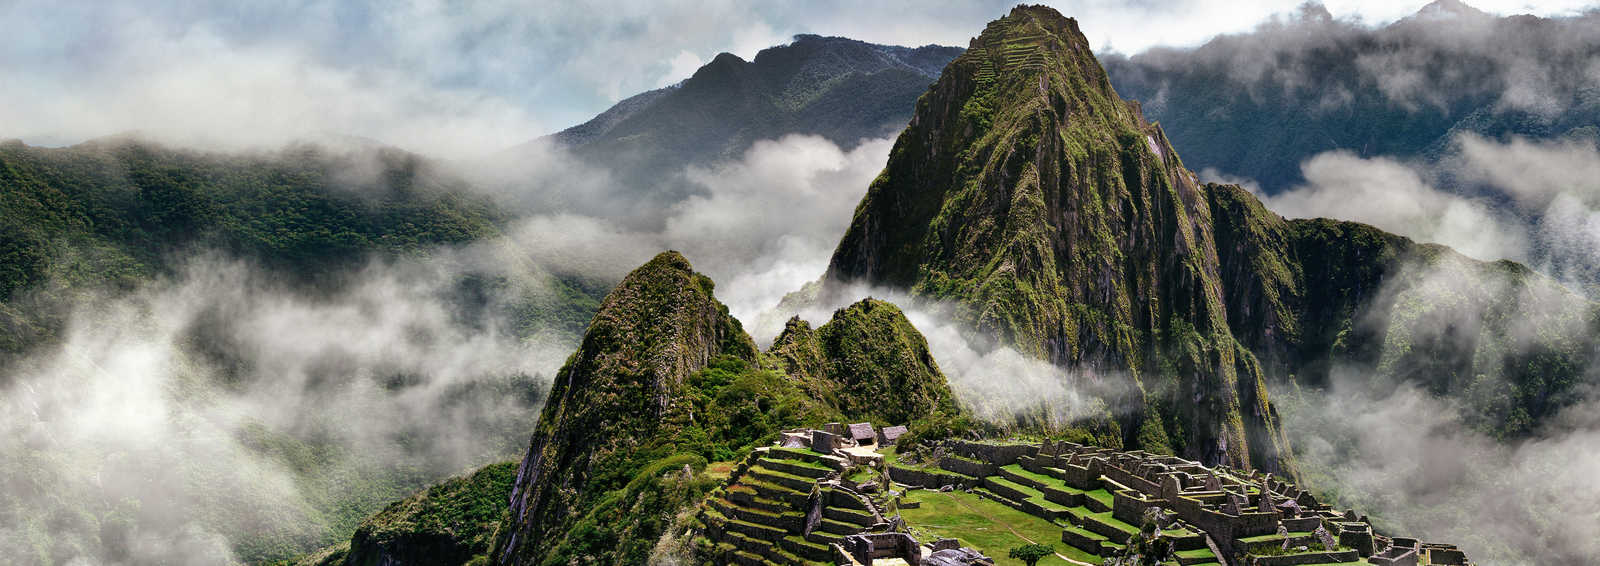 Misty Machu Picchu